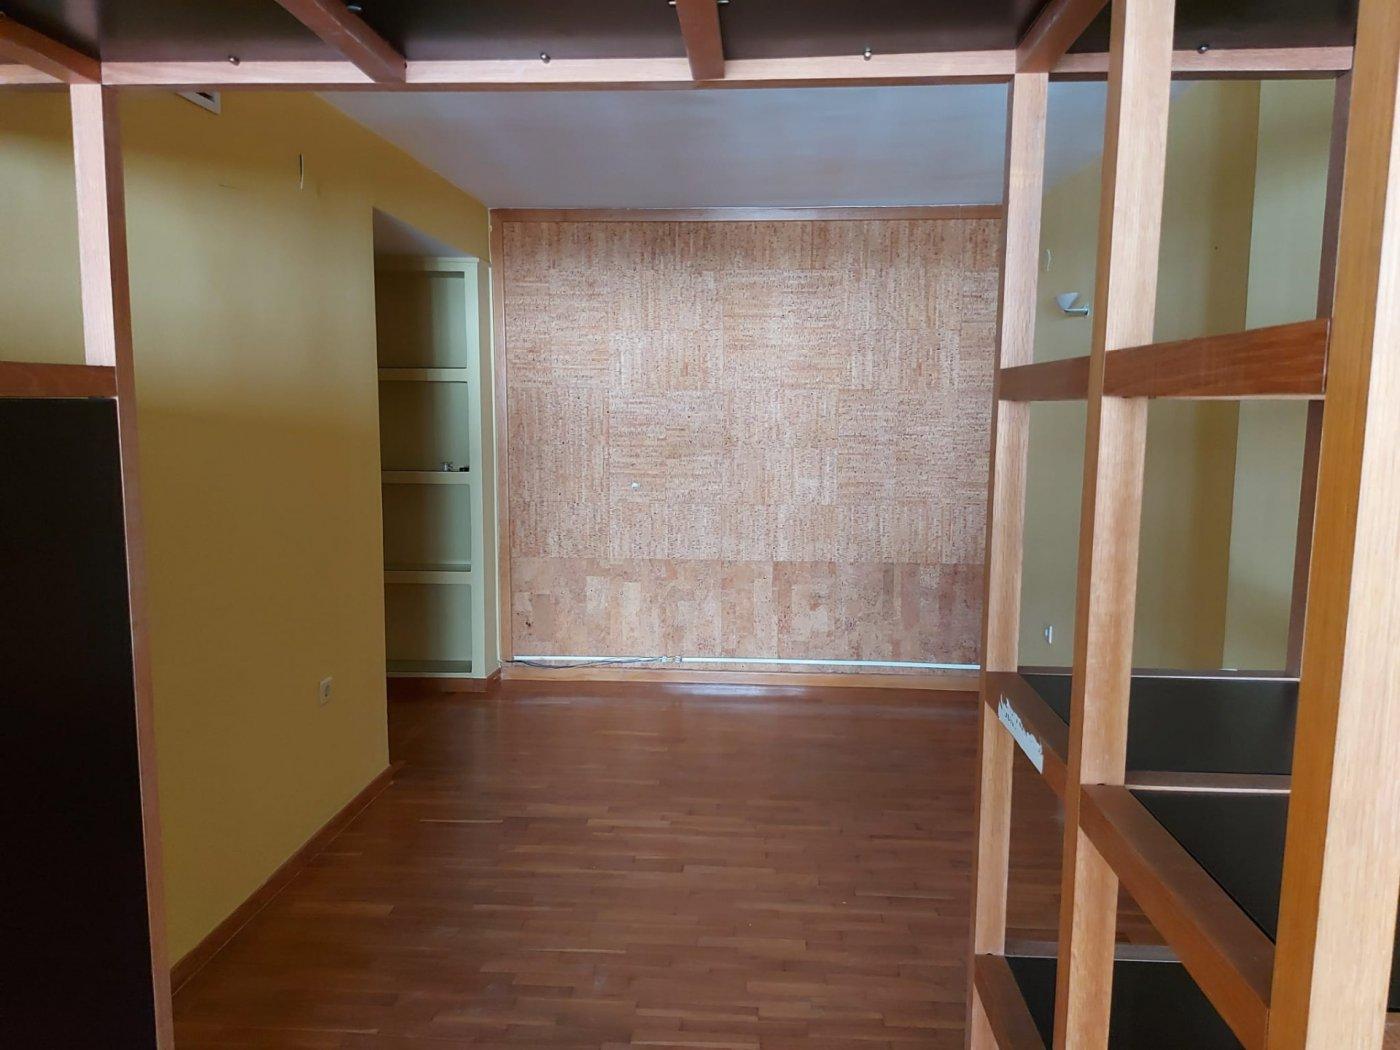 Oficina en venta o alquiler en el centro de alicante - imagenInmueble8